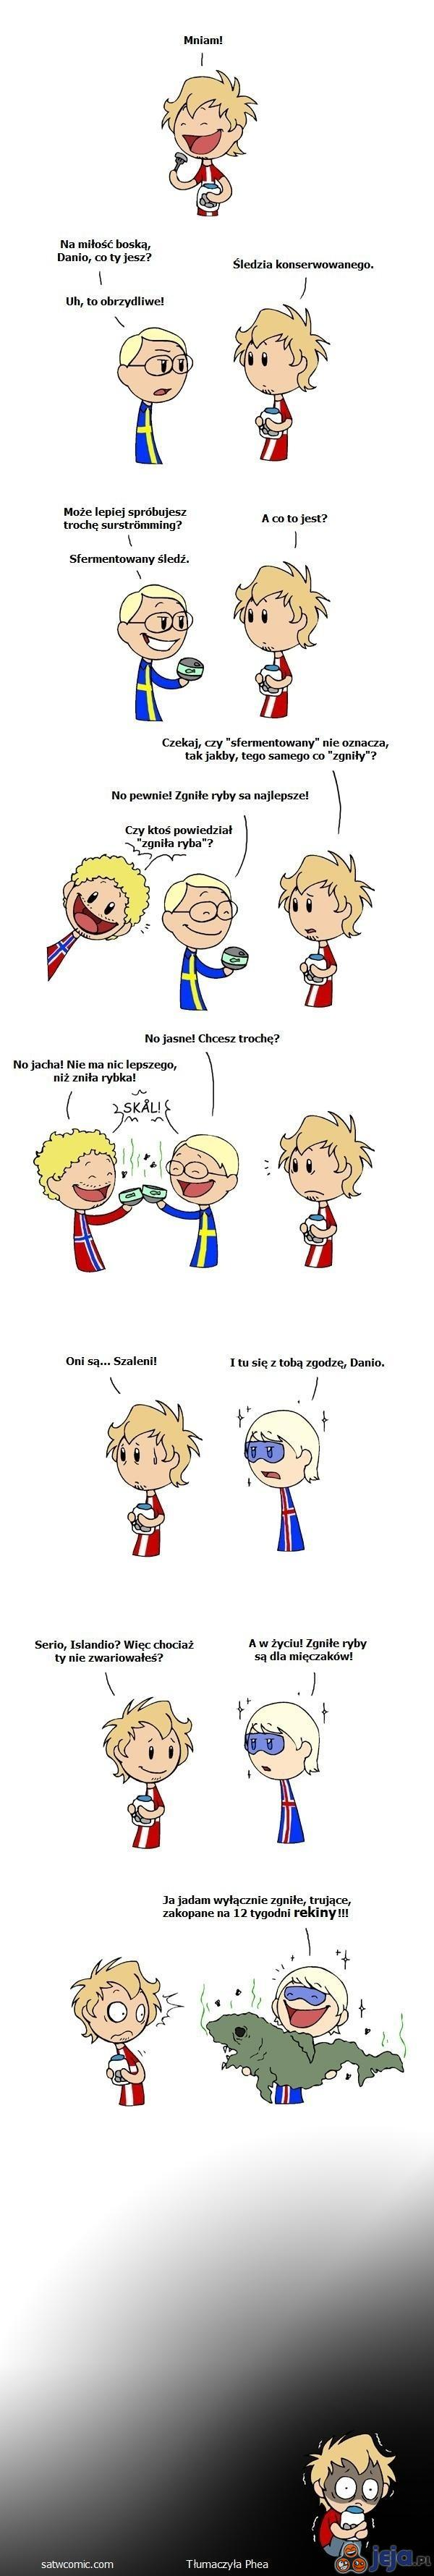 Skandynawskie kulinaria